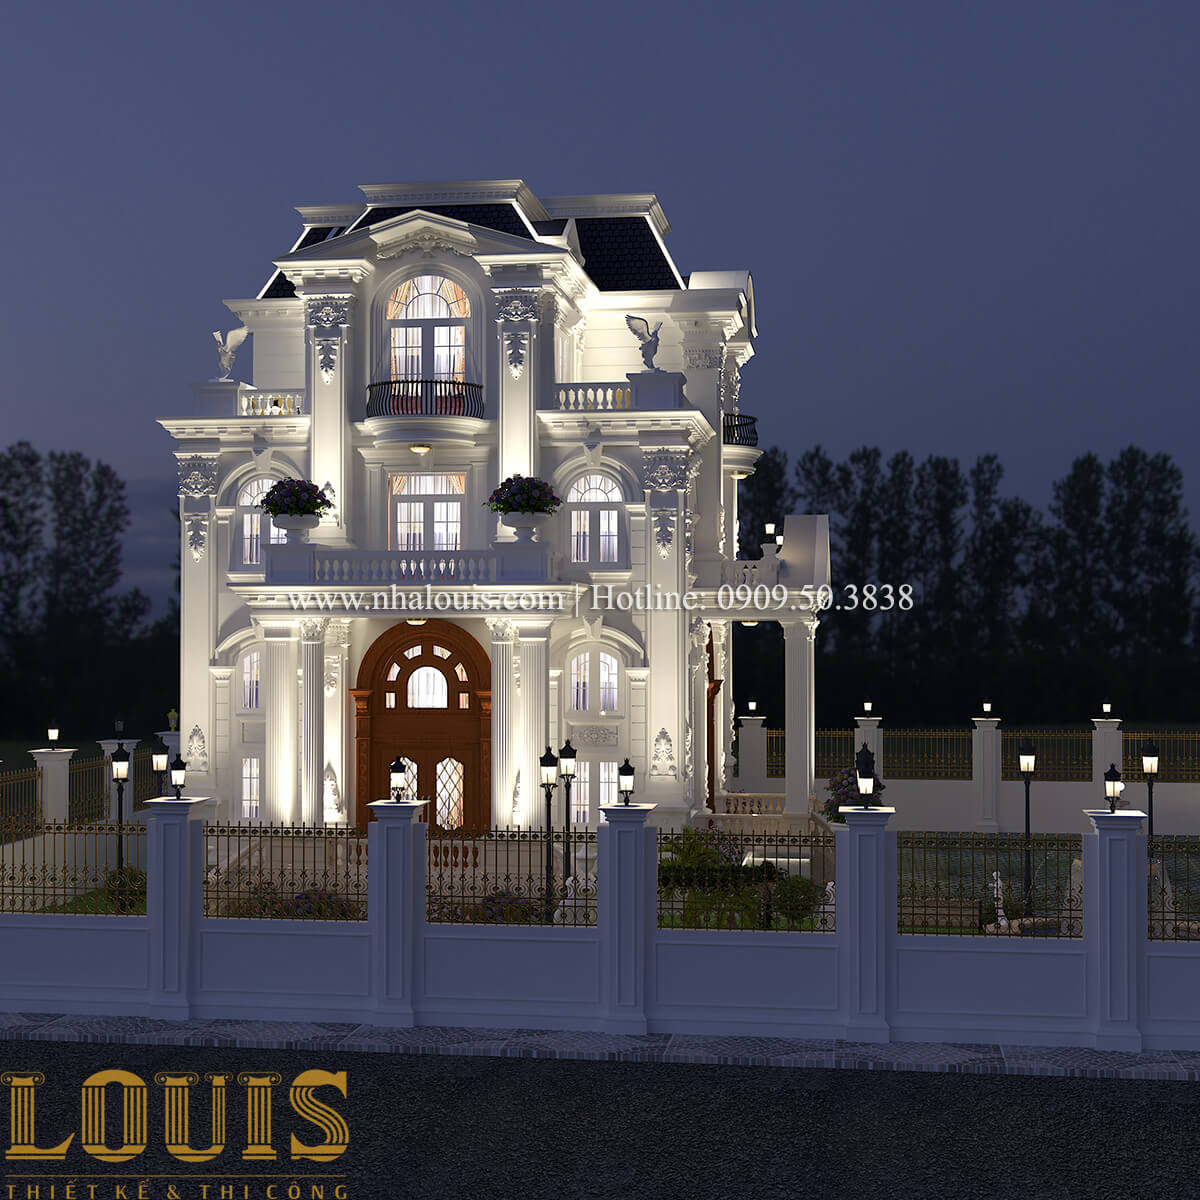 Mặt tiền Thiết kế biệt thự phong cách tân cổ điển đậm chất lãng mạn tại Vĩnh Long - 05